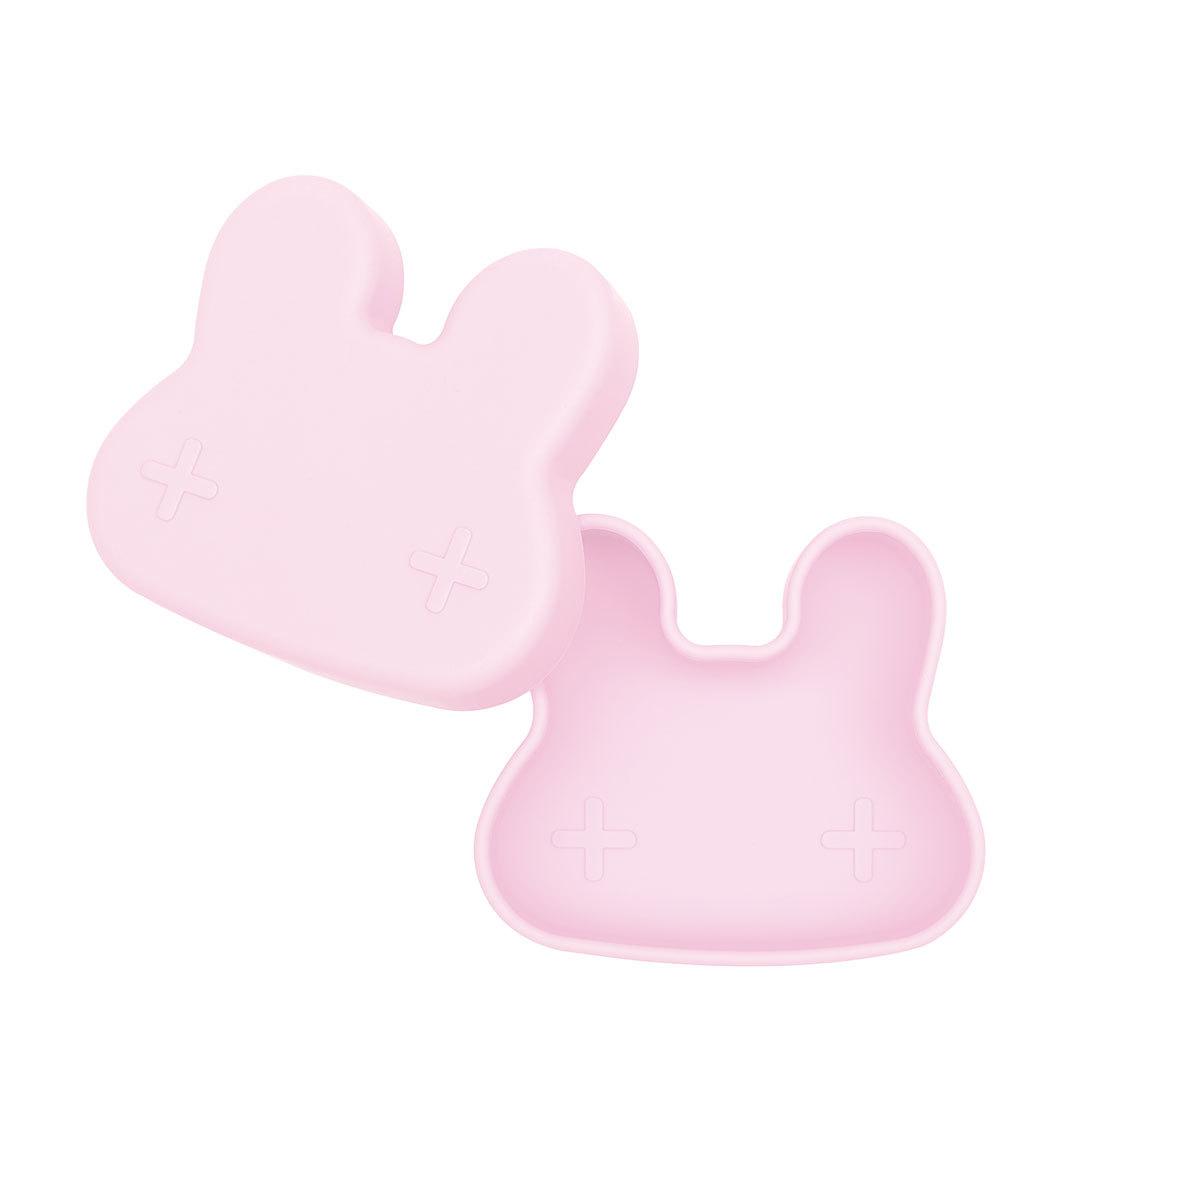 Vaisselle & Couvert Petite Boîte à Goûter Lapin - Powder Pink